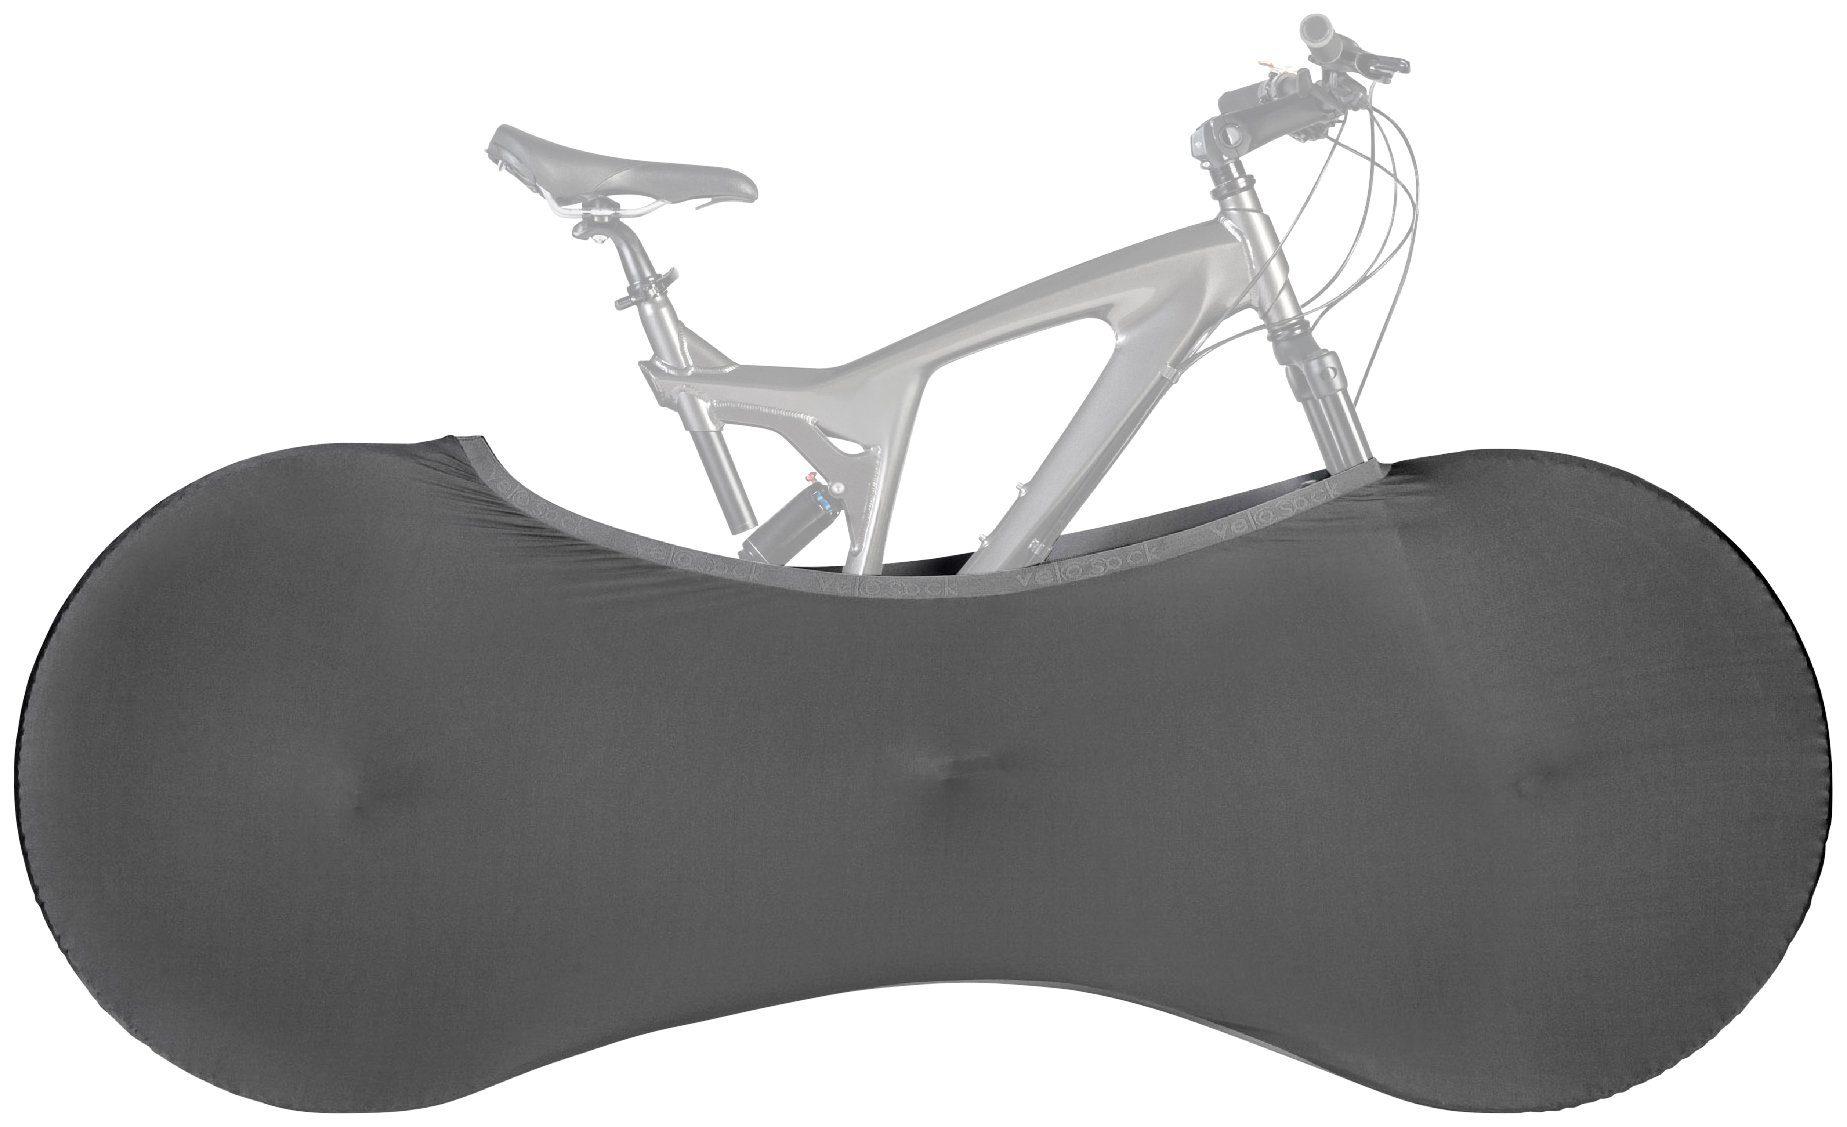 Fahrradgarage »Bike Cover dark grey«, 1,6 - 2,0 m